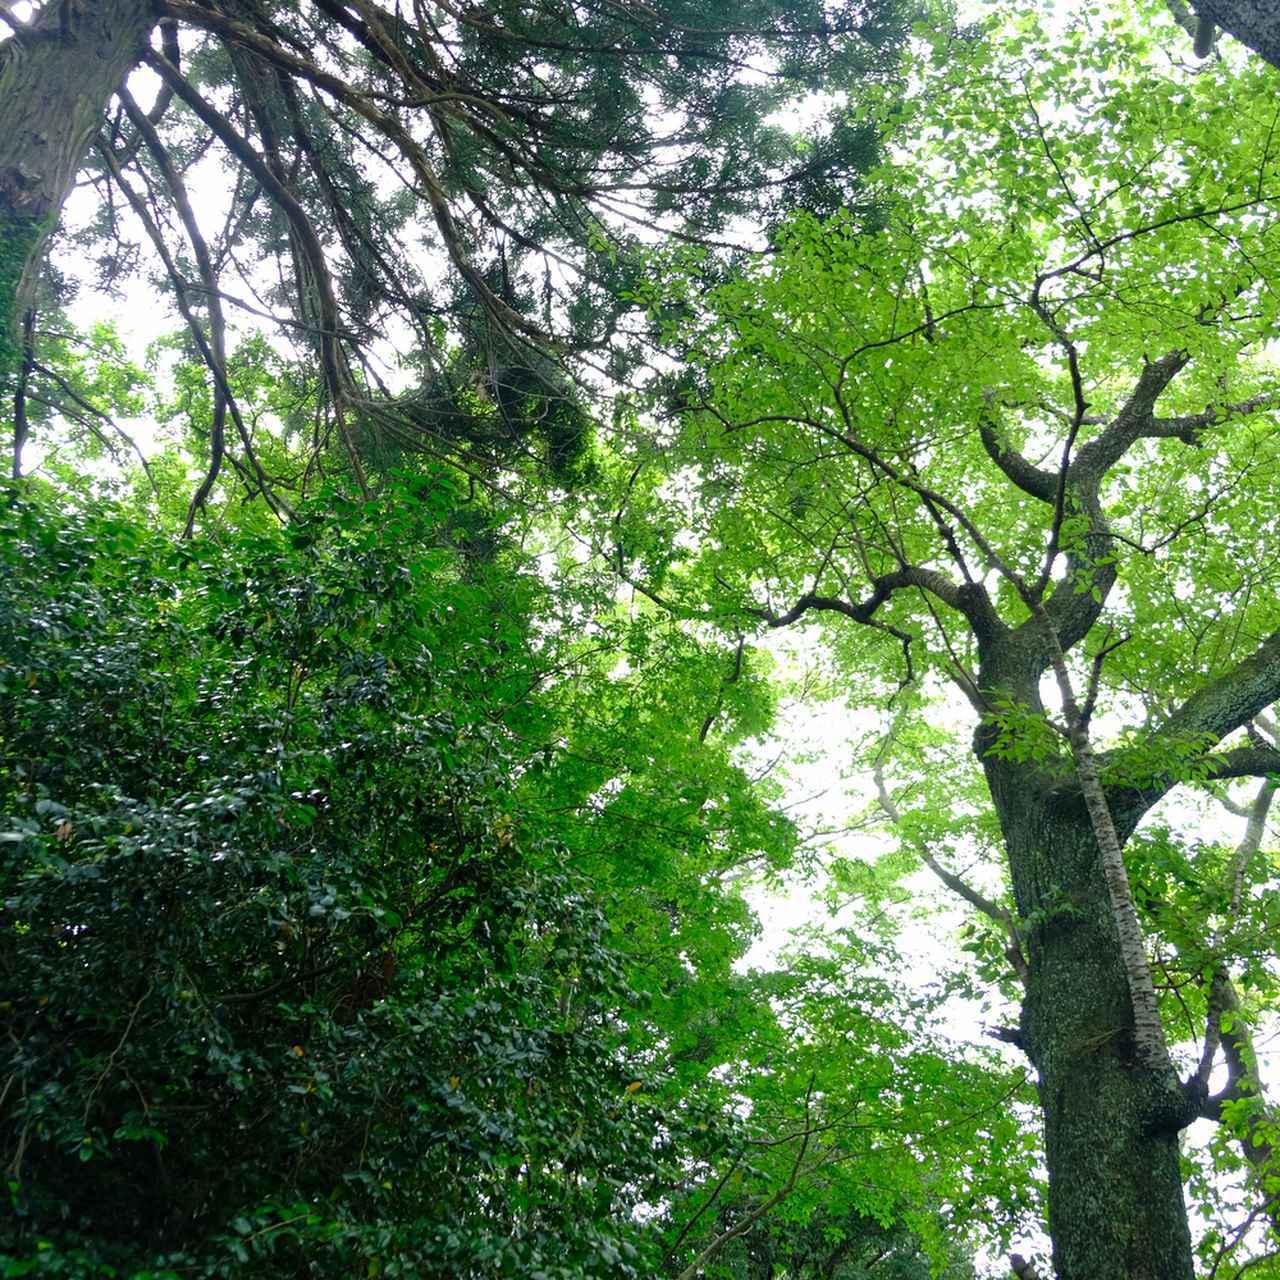 画像: 背の高い木々に囲まれ、木陰を進めるので涼しく感じます。豊かな植生を感じる深い森を歩いている感覚になれます。秋は紅葉が大変きれいだそうです!